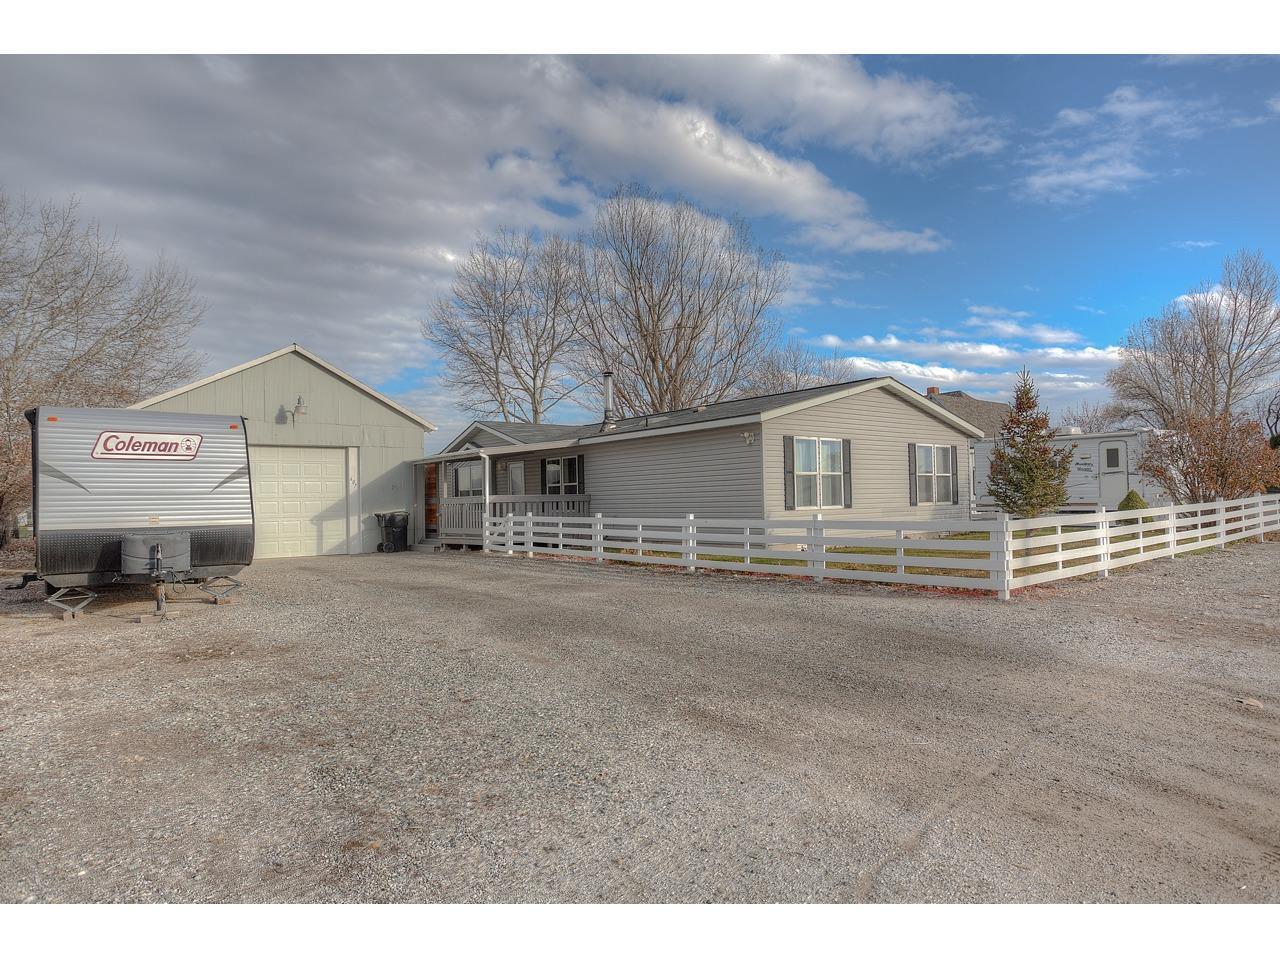 607 S Cedar Street, Townsend, MT 59644